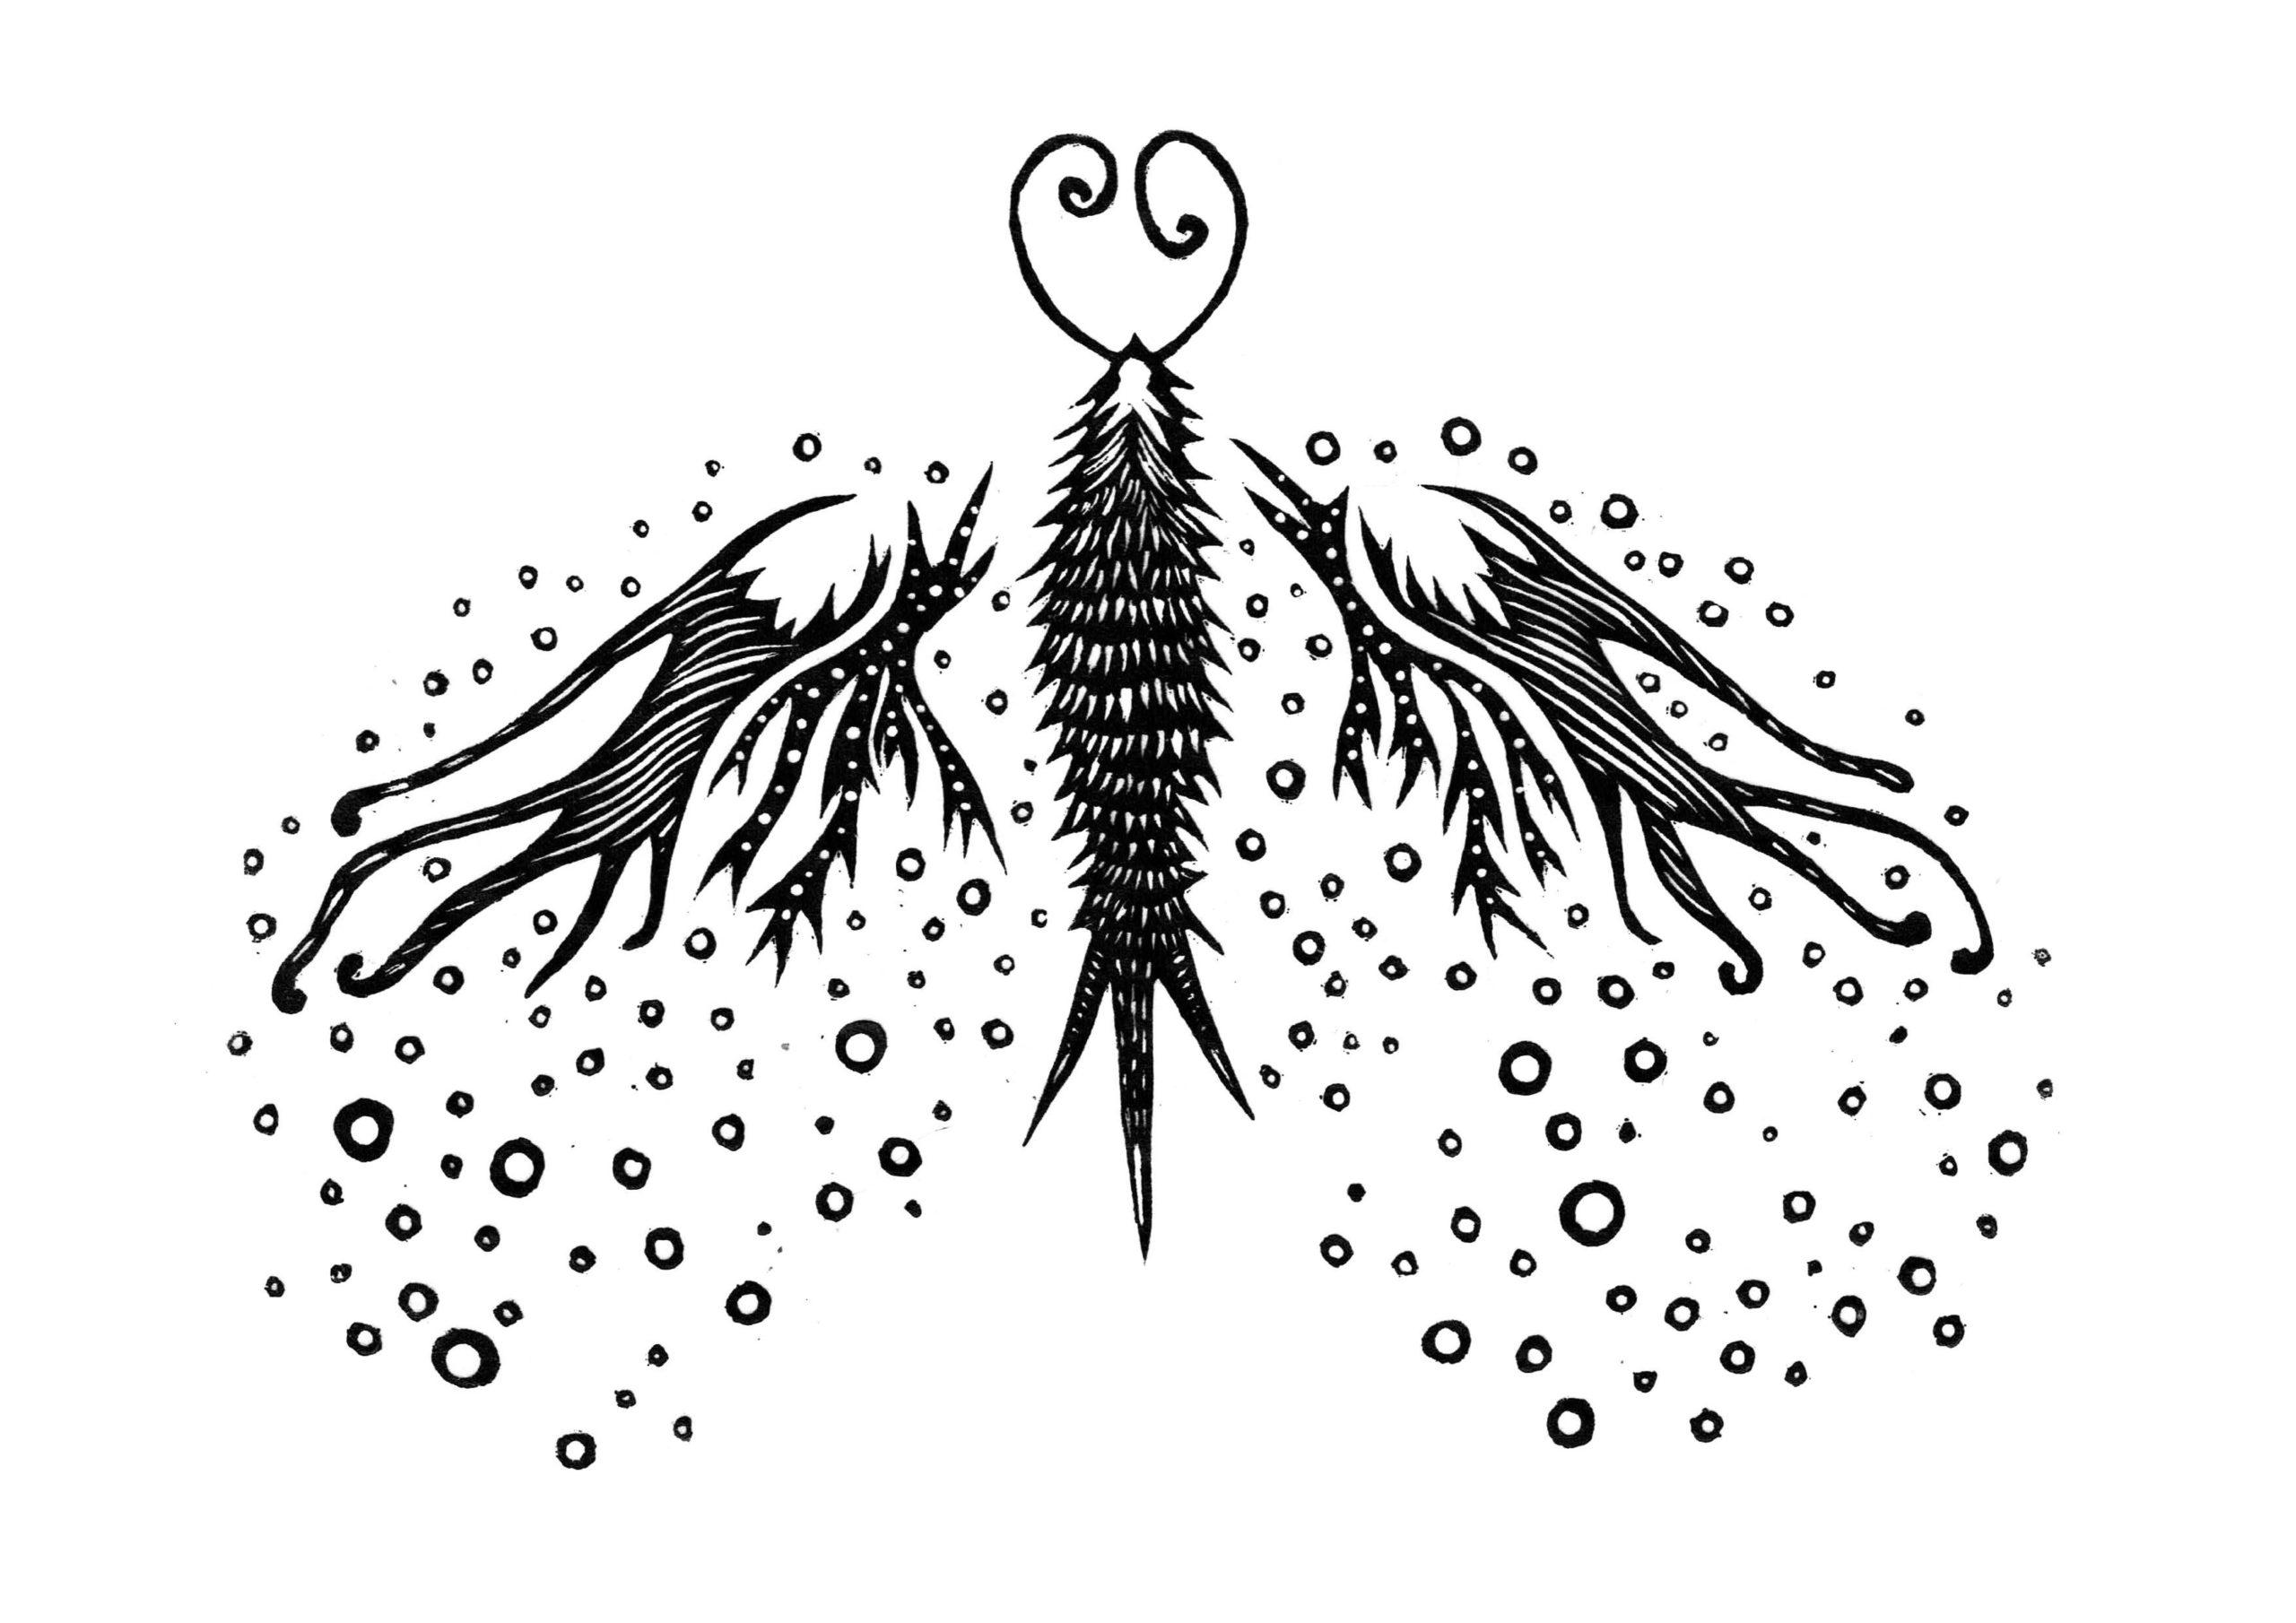 田中彰展  TANAKA Sho<br>「HOVERING WIND  透明な翅」